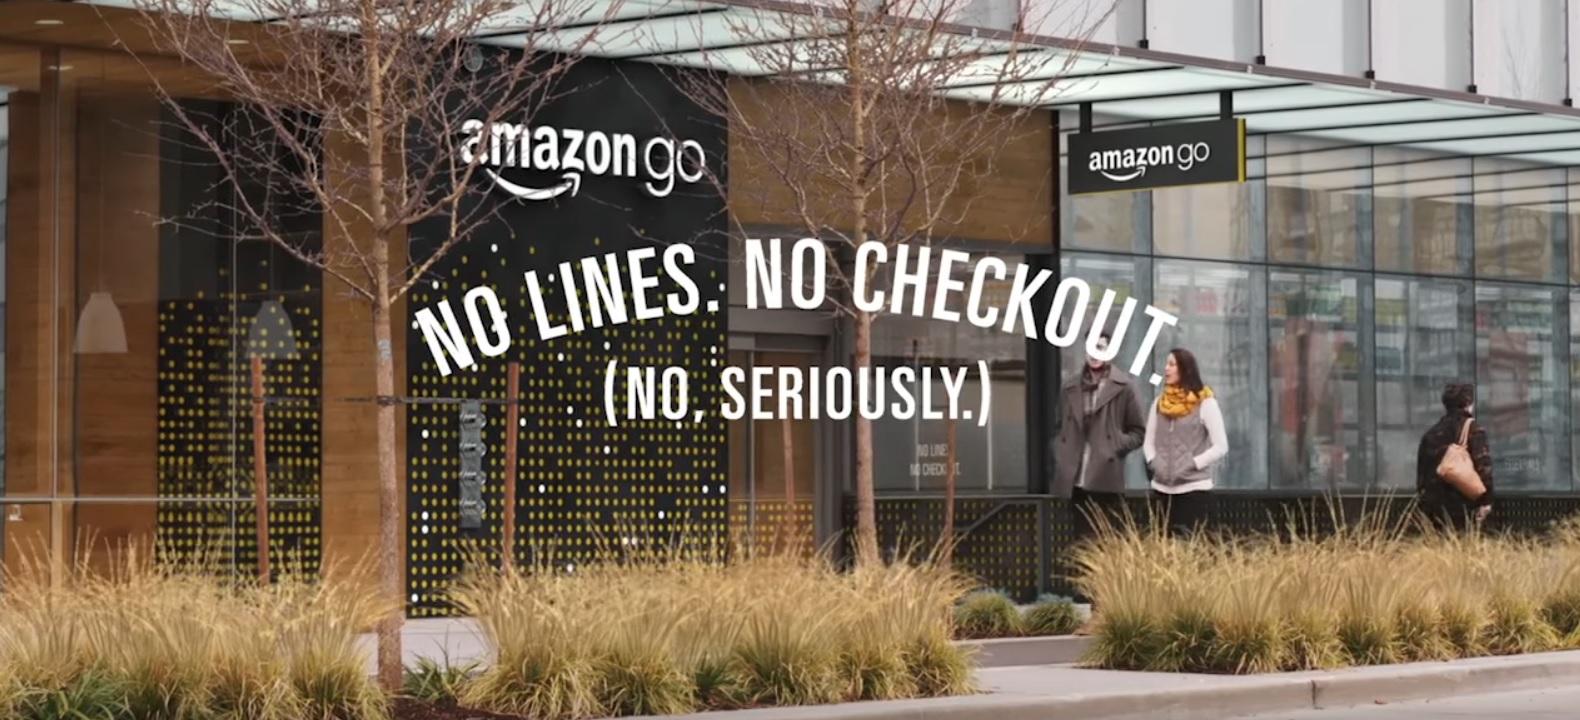 Amazon åpner matbutikker neste år. I Go-butikkene er det ingen kasser: Bare putt produktene i kurven og butikken vet hva du handler.